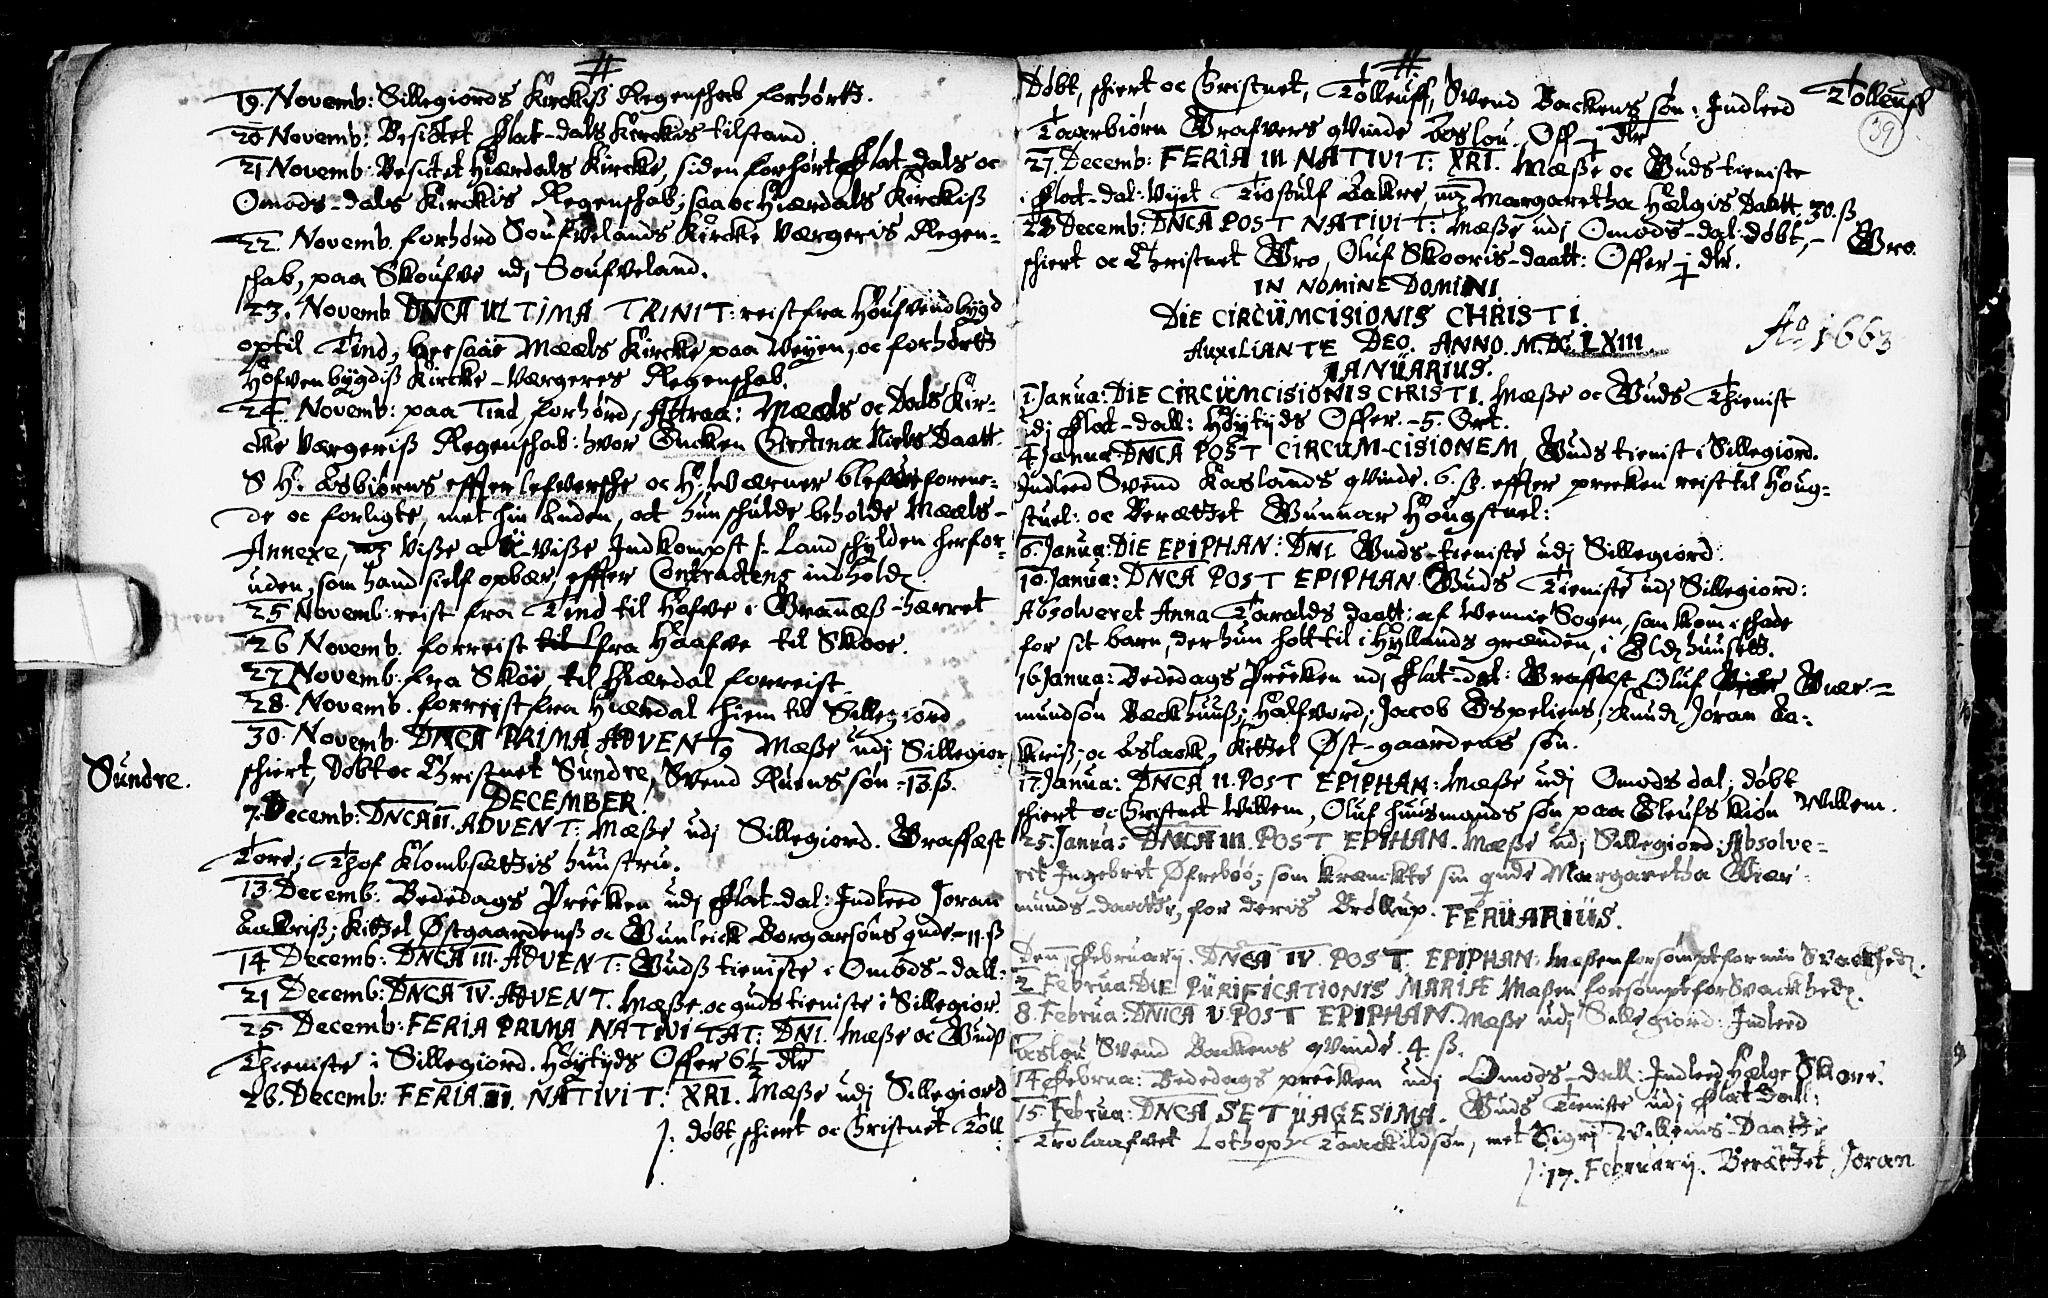 SAKO, Seljord kirkebøker, F/Fa/L0001: Ministerialbok nr. I 1, 1654-1686, s. 39